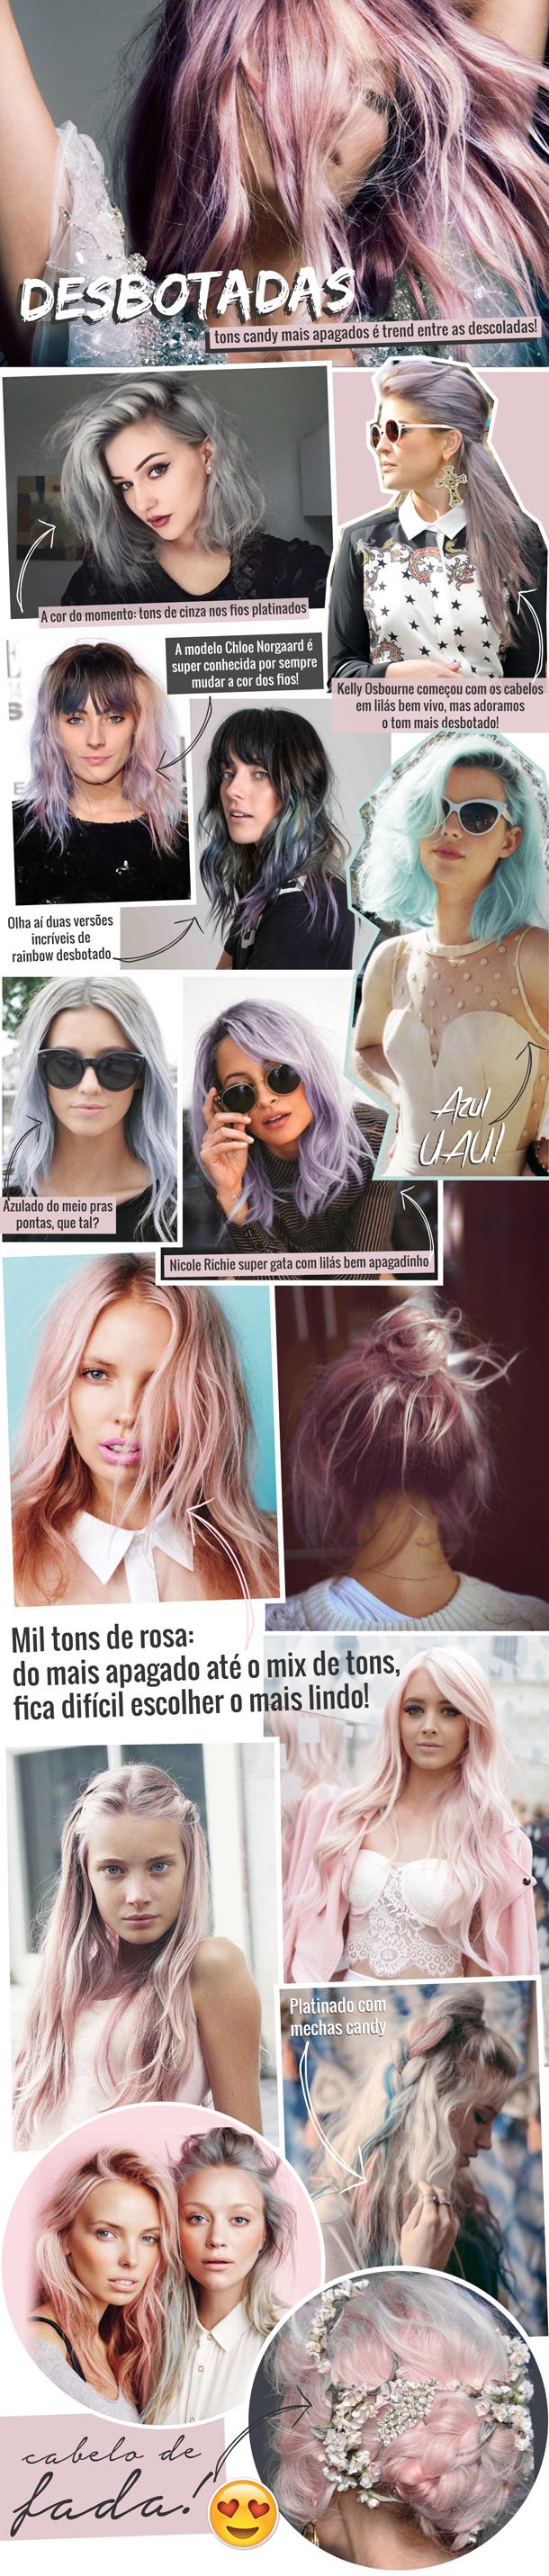 mundo-lolita-cabelo-colorido-desbotado